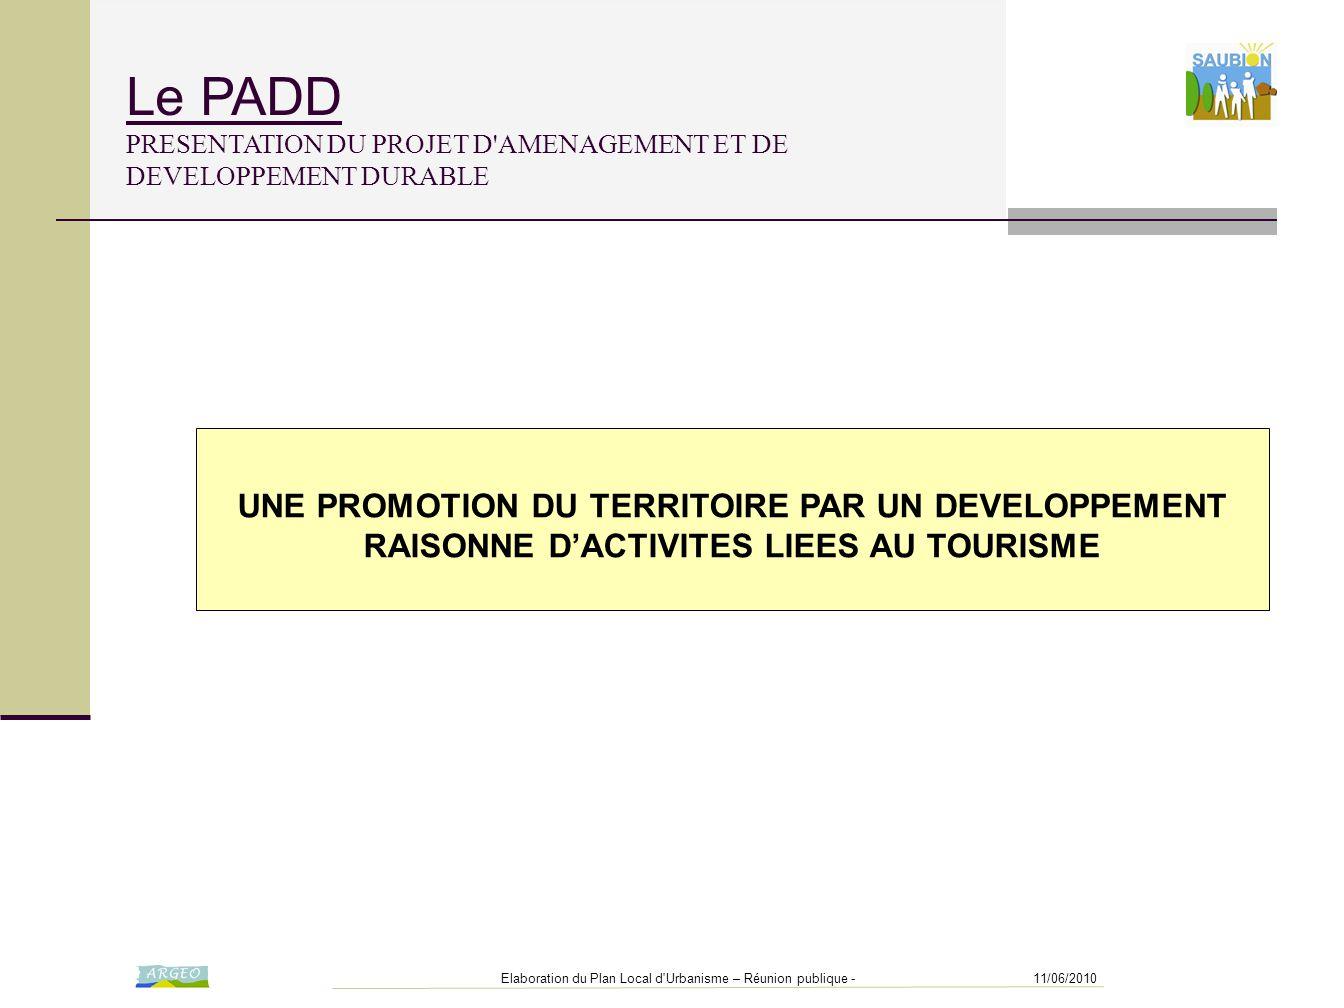 11/06/2010Elaboration du Plan Local d'Urbanisme – Réunion publique - UNE PROMOTION DU TERRITOIRE PAR UN DEVELOPPEMENT RAISONNE D'ACTIVITES LIEES AU TO